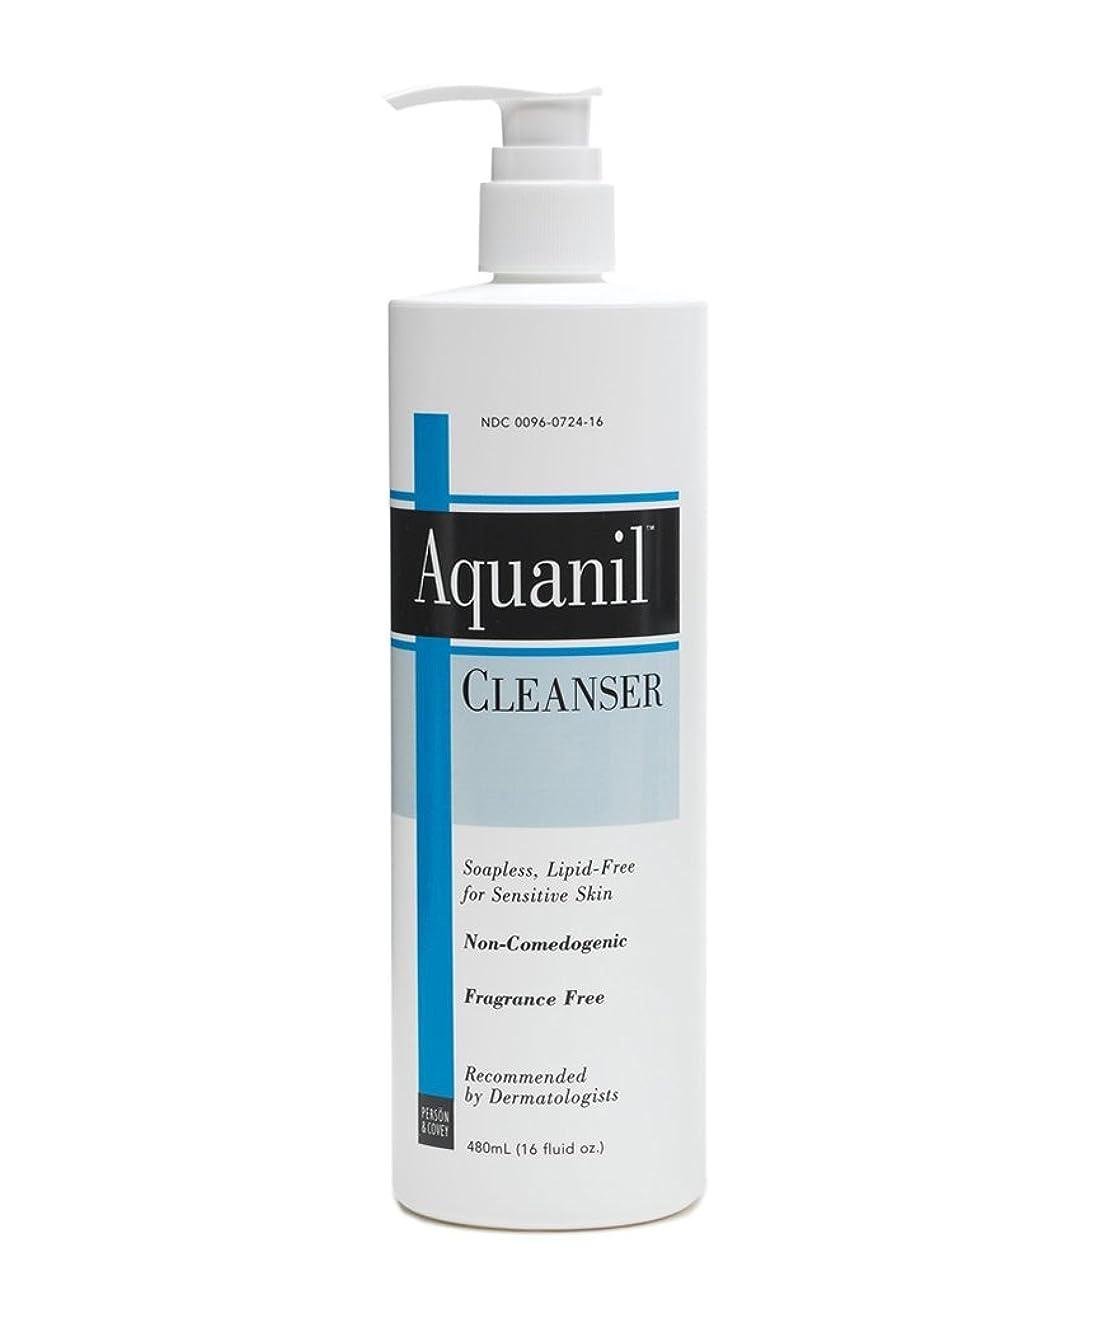 どうやって騙すアイザック海外直送肘 Aquanil Cleanser A Gentle Soapless Lipid-Free, 16 oz